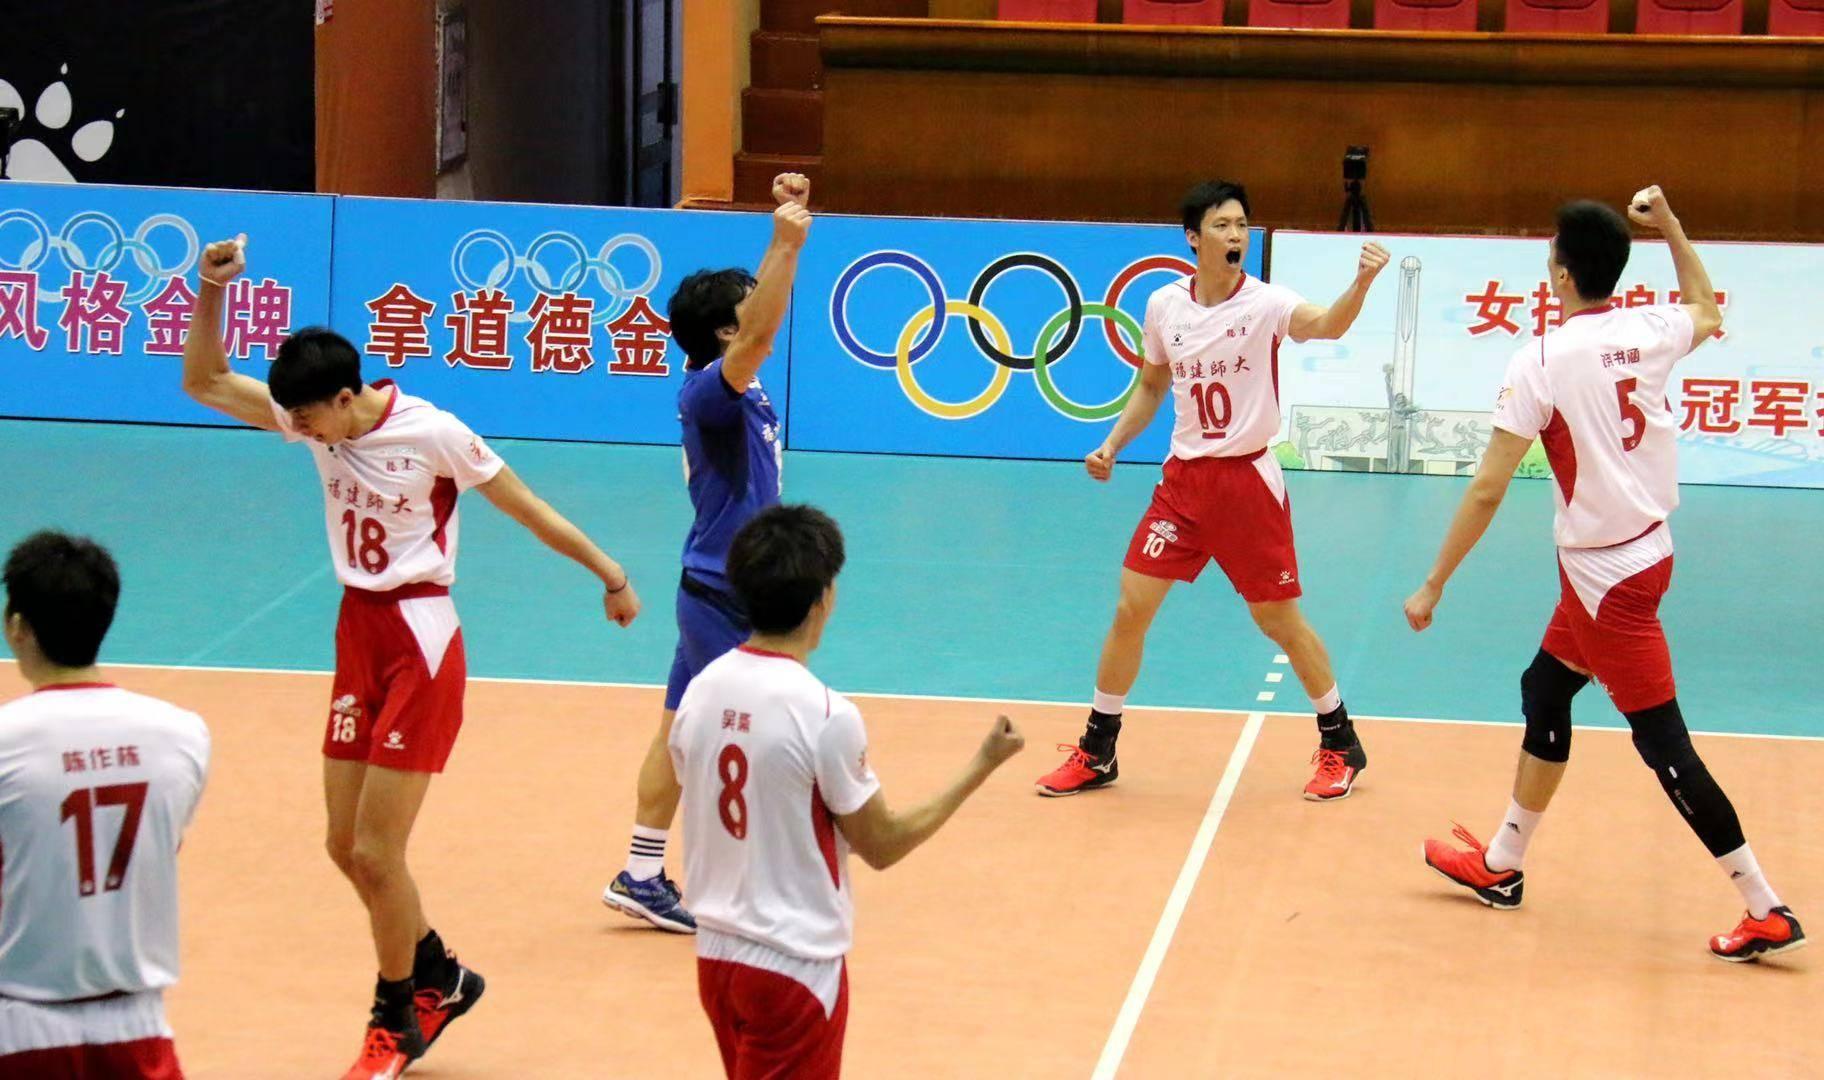 第十四届全国运动会排球男子成年组(A组)资格赛第二日比赛综述——福建队战胜湖北队